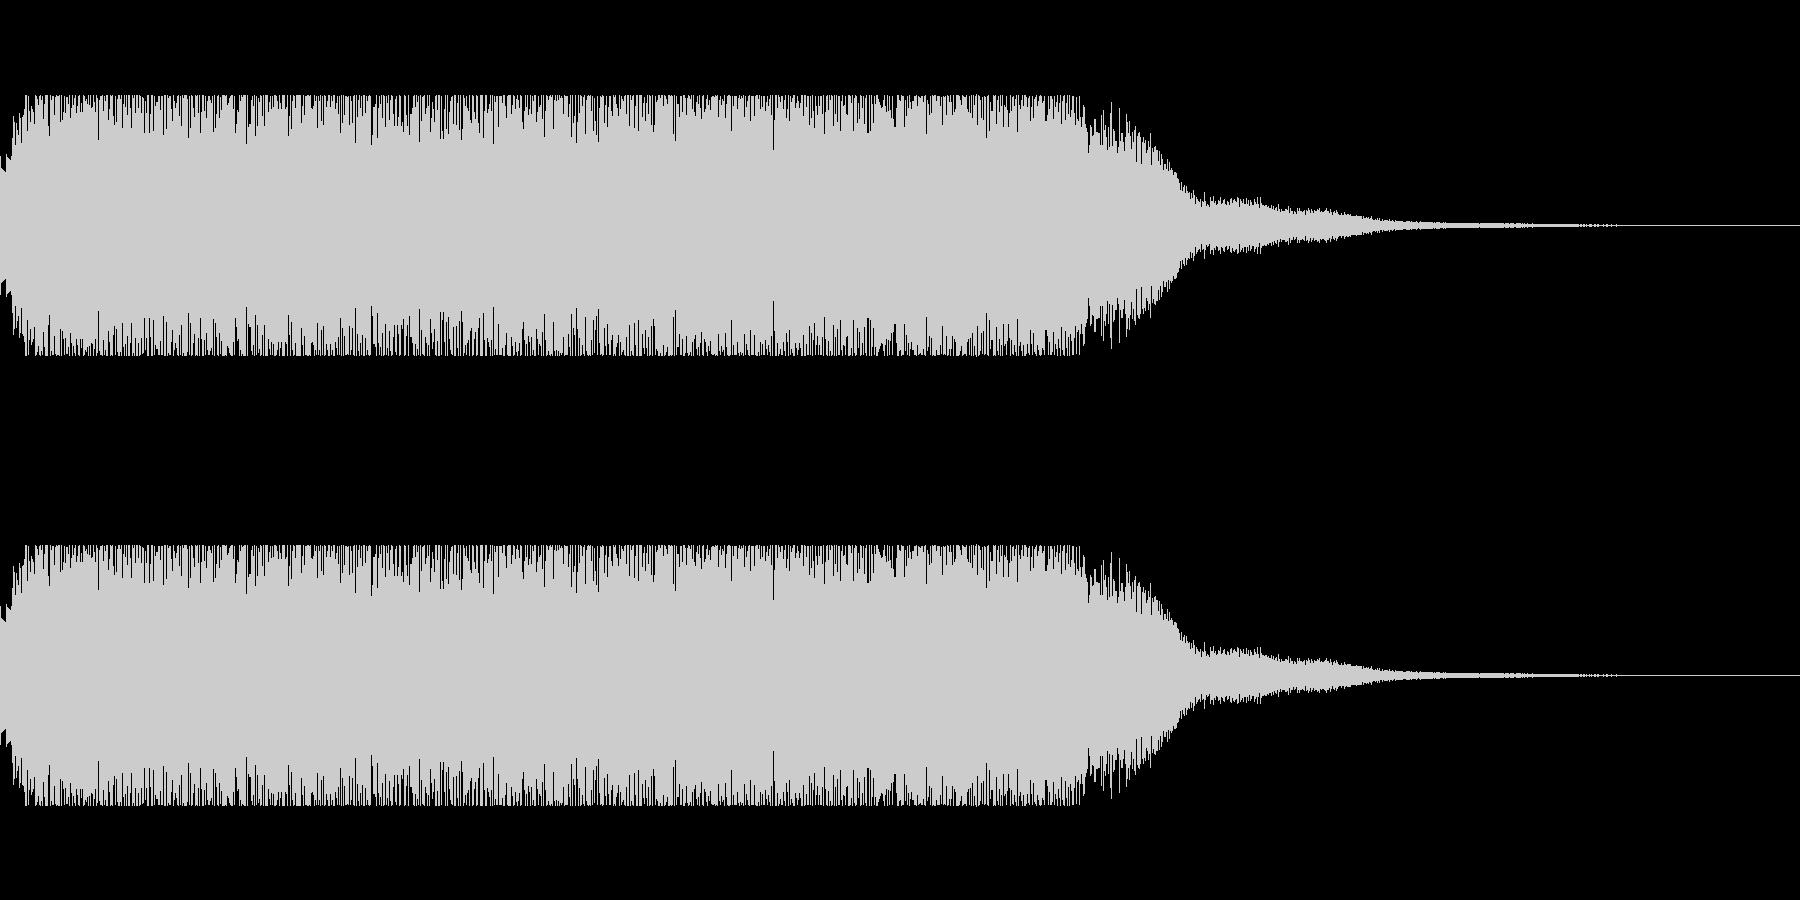 発車メロディー3の未再生の波形